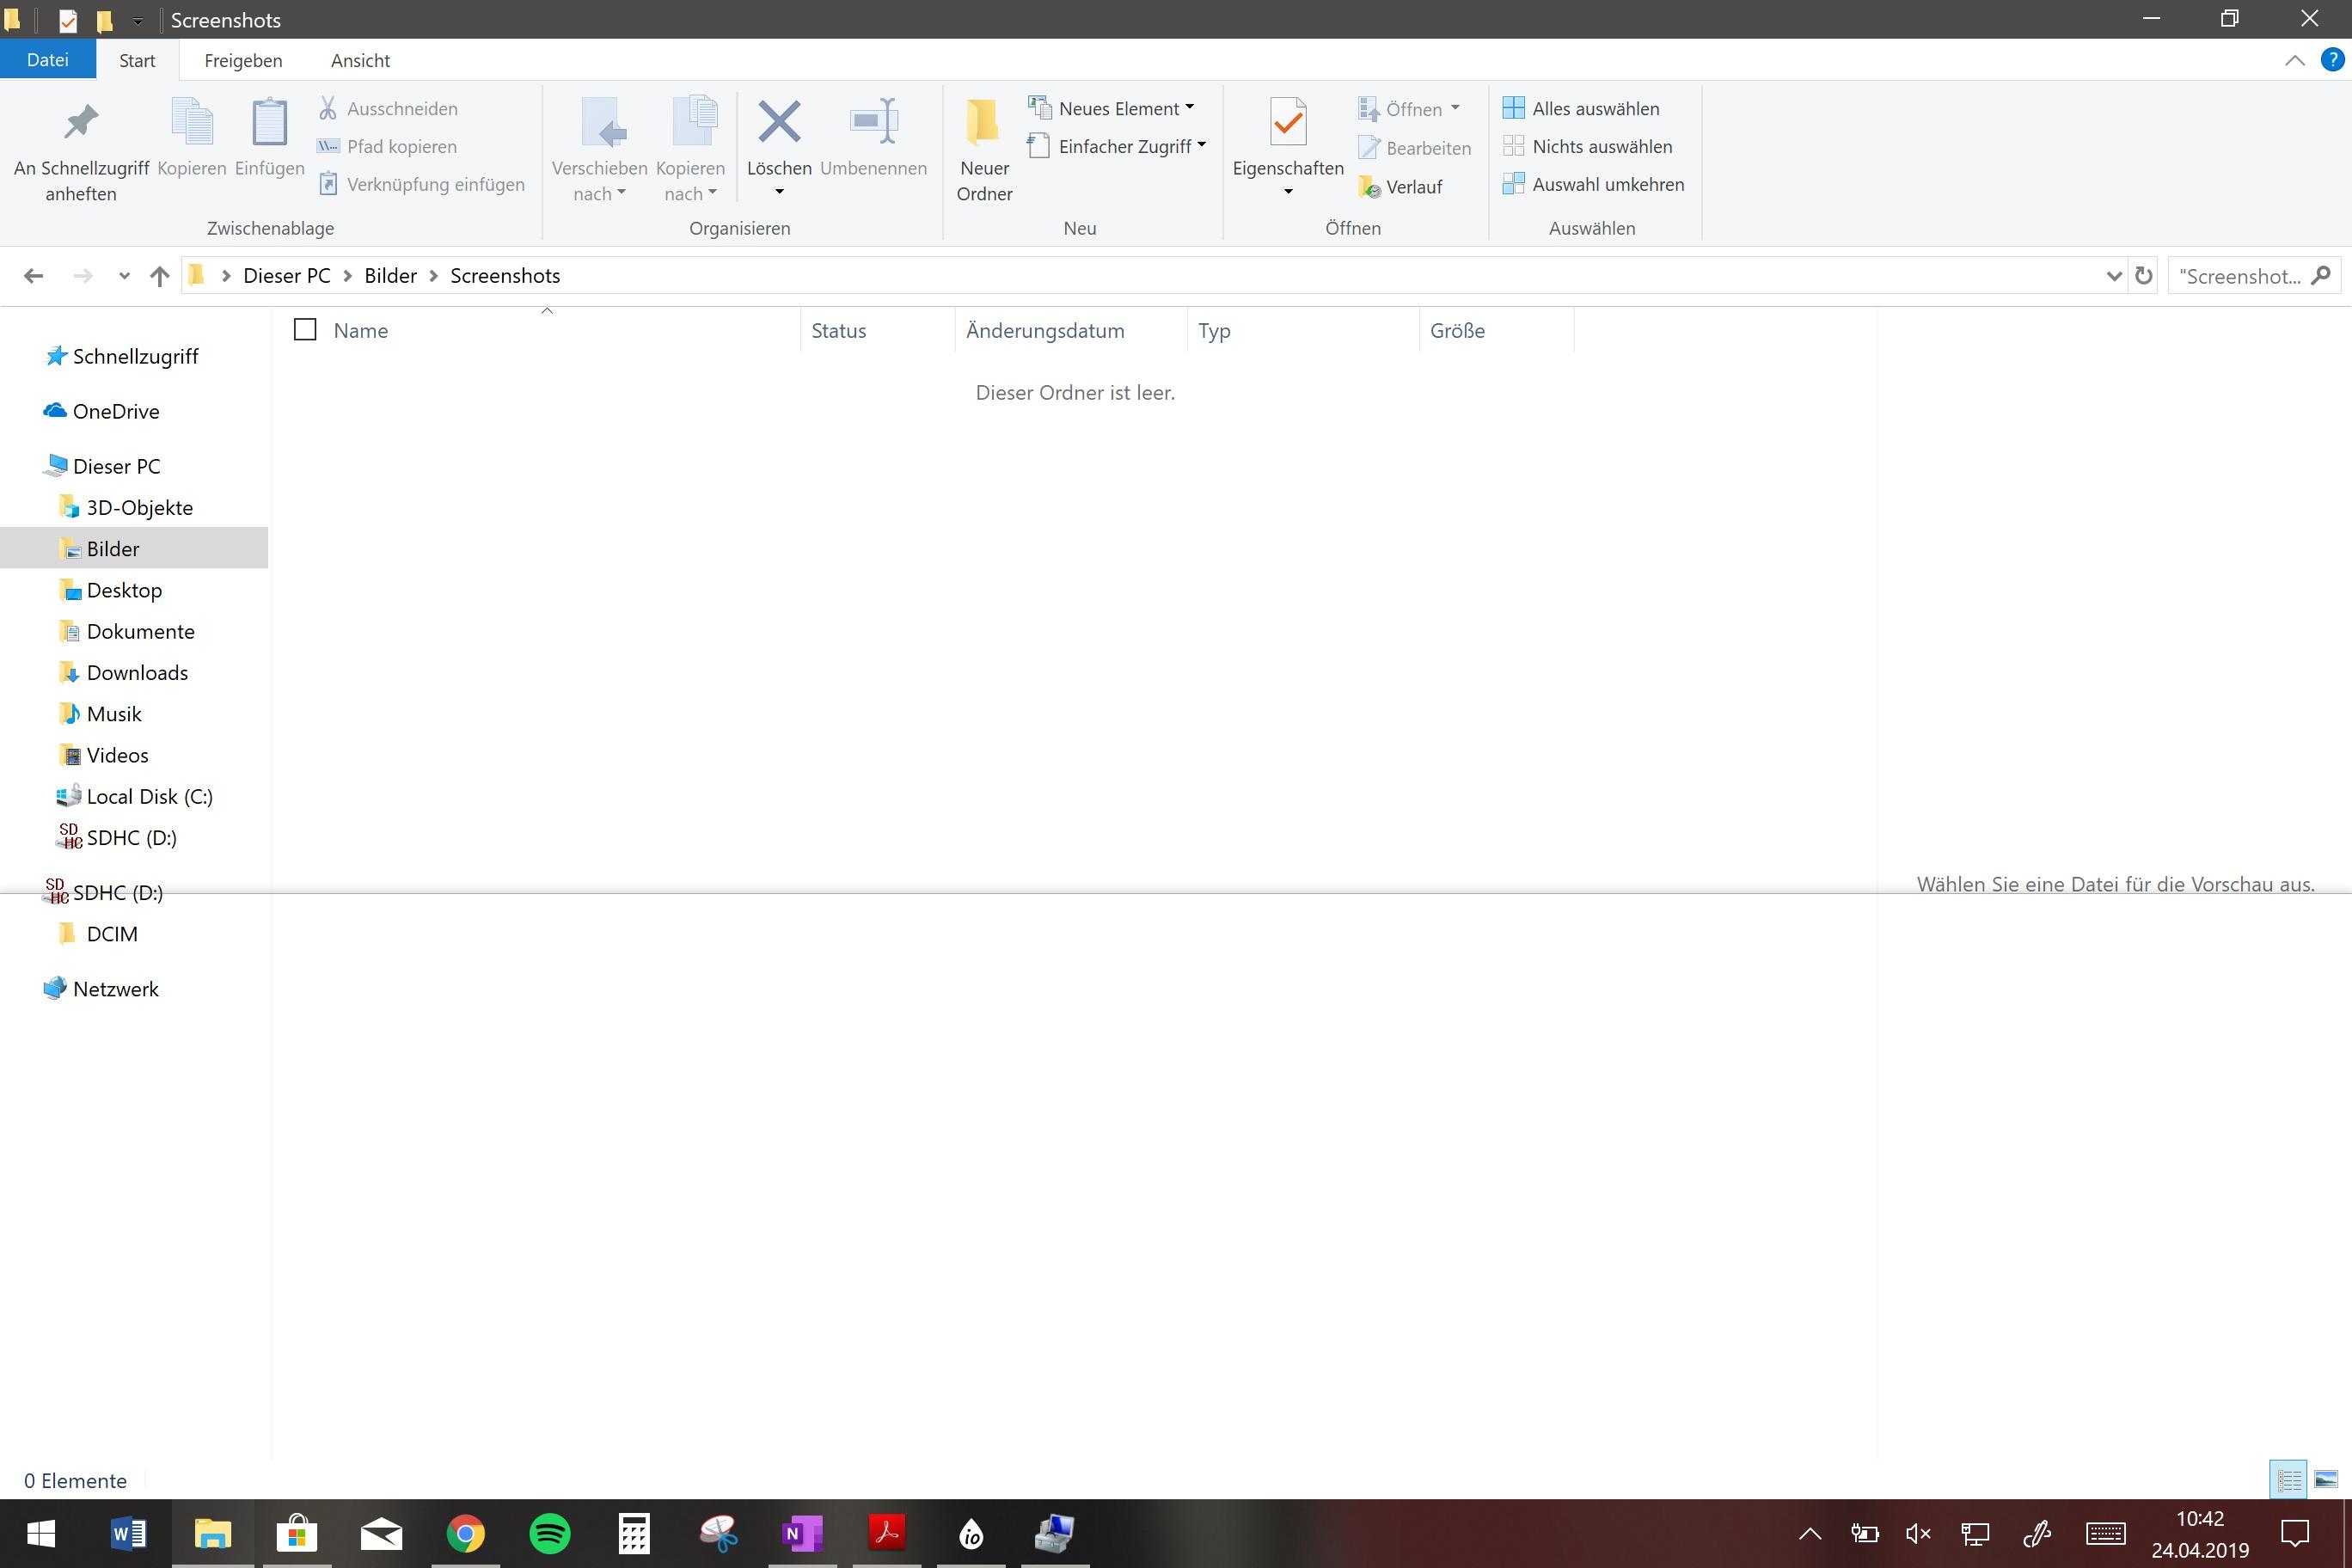 Bildschirmtastatur startet nicht mehr (Surface Pro 5)